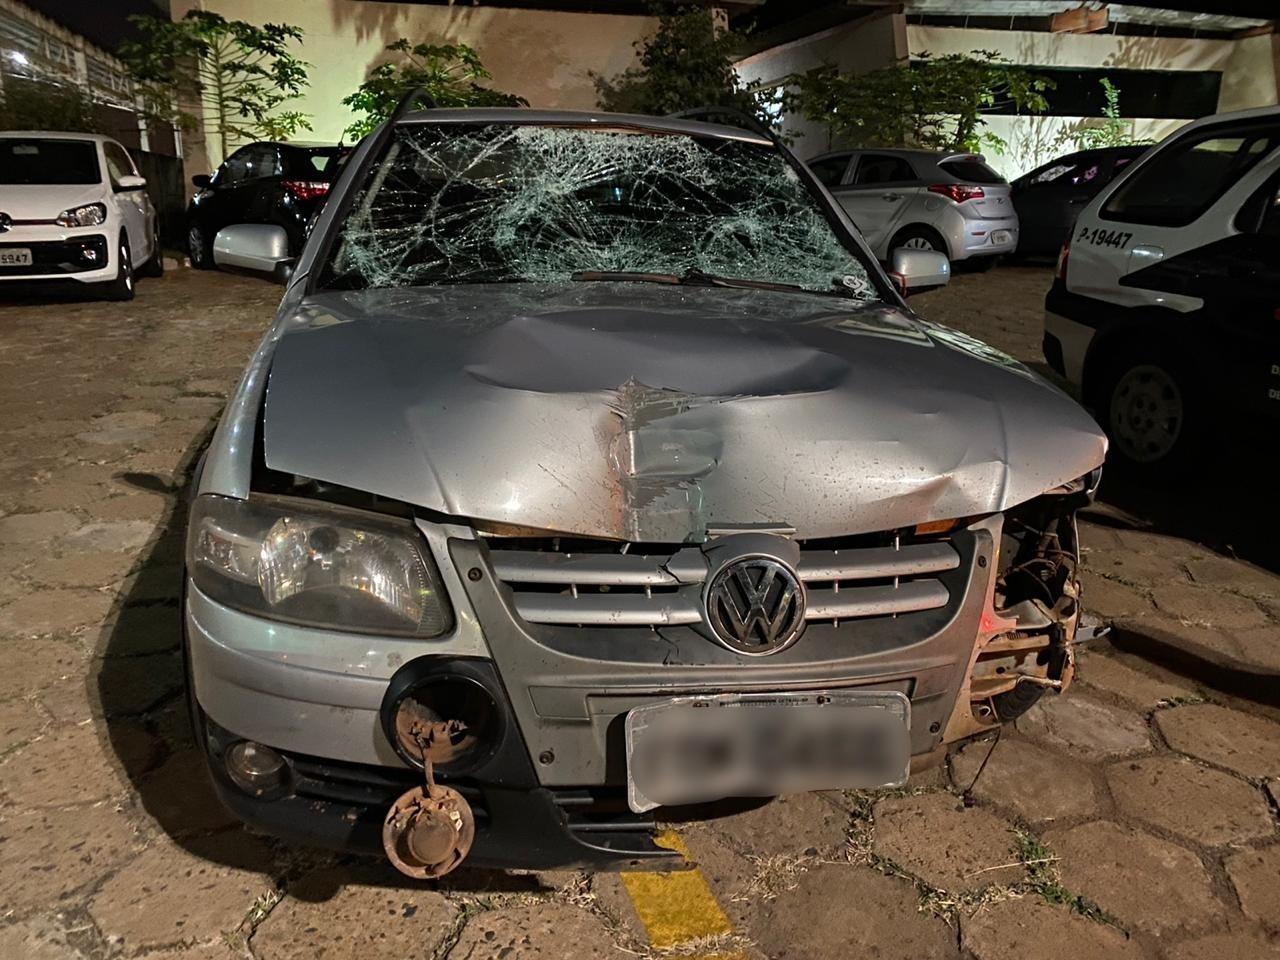 Suspeito de atropelar e matar policial rodoviário durante fiscalização no interior de SP é preso